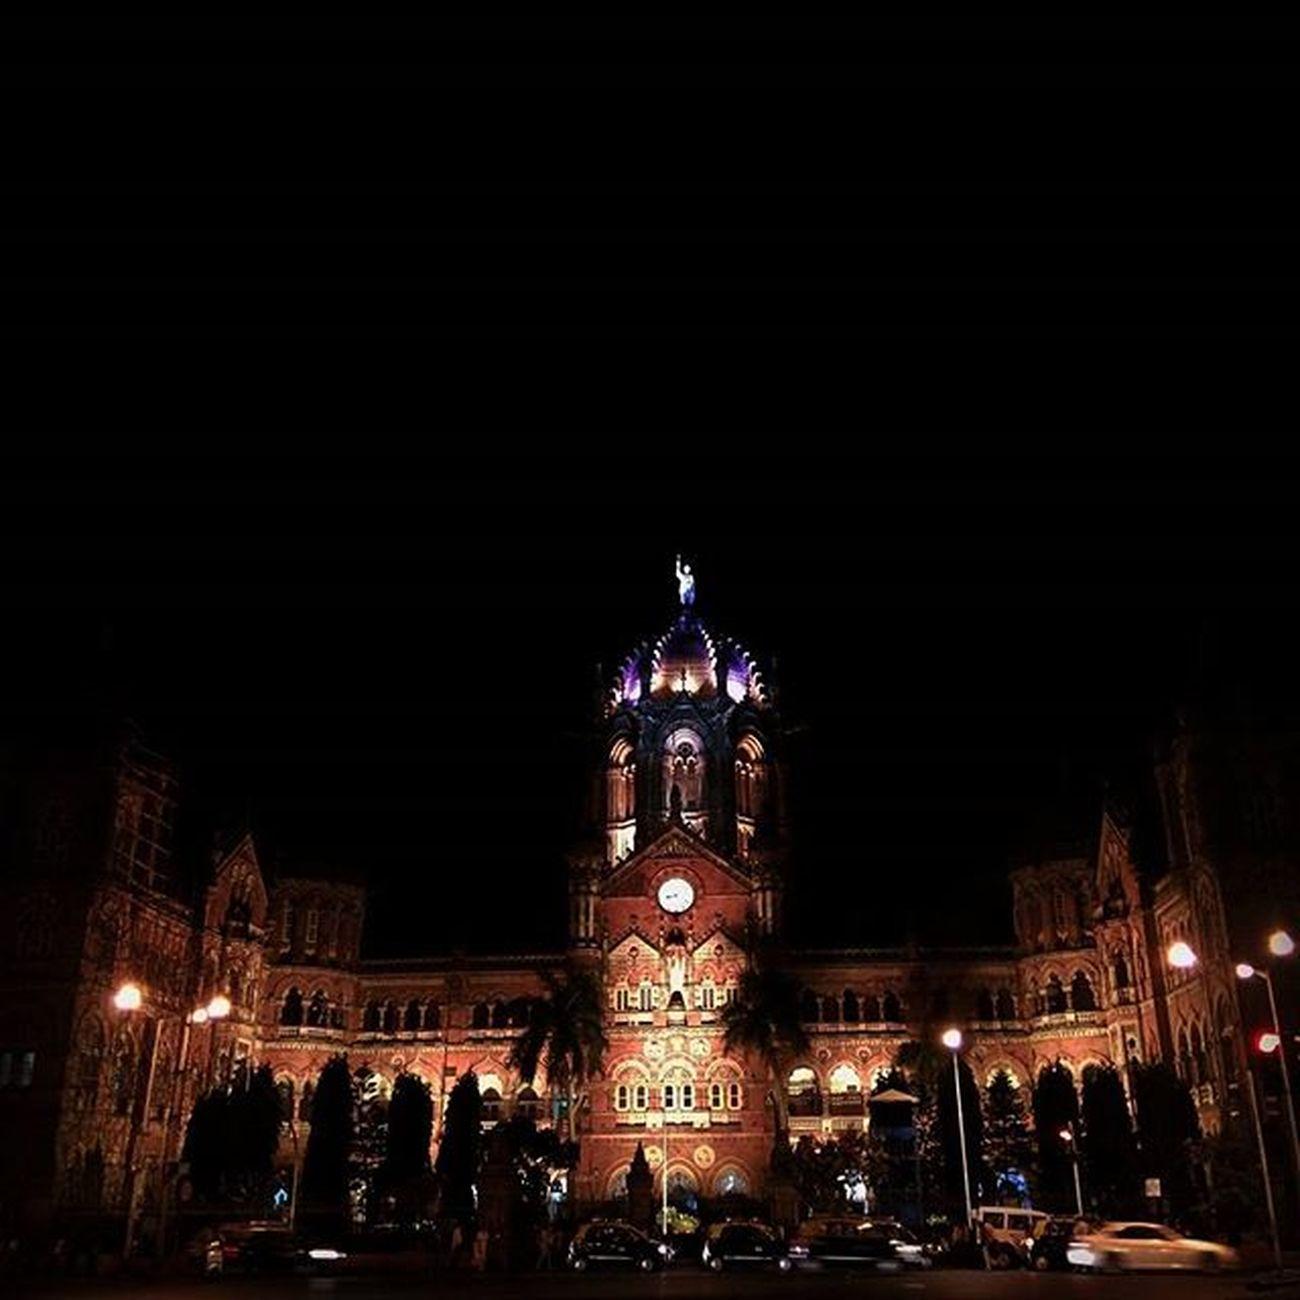 Jbclickz Nightshot Night Nightlife Mymumbai Mumbai Monument Chatrapatishivajiterminus Lights CST Traffic Movingcars